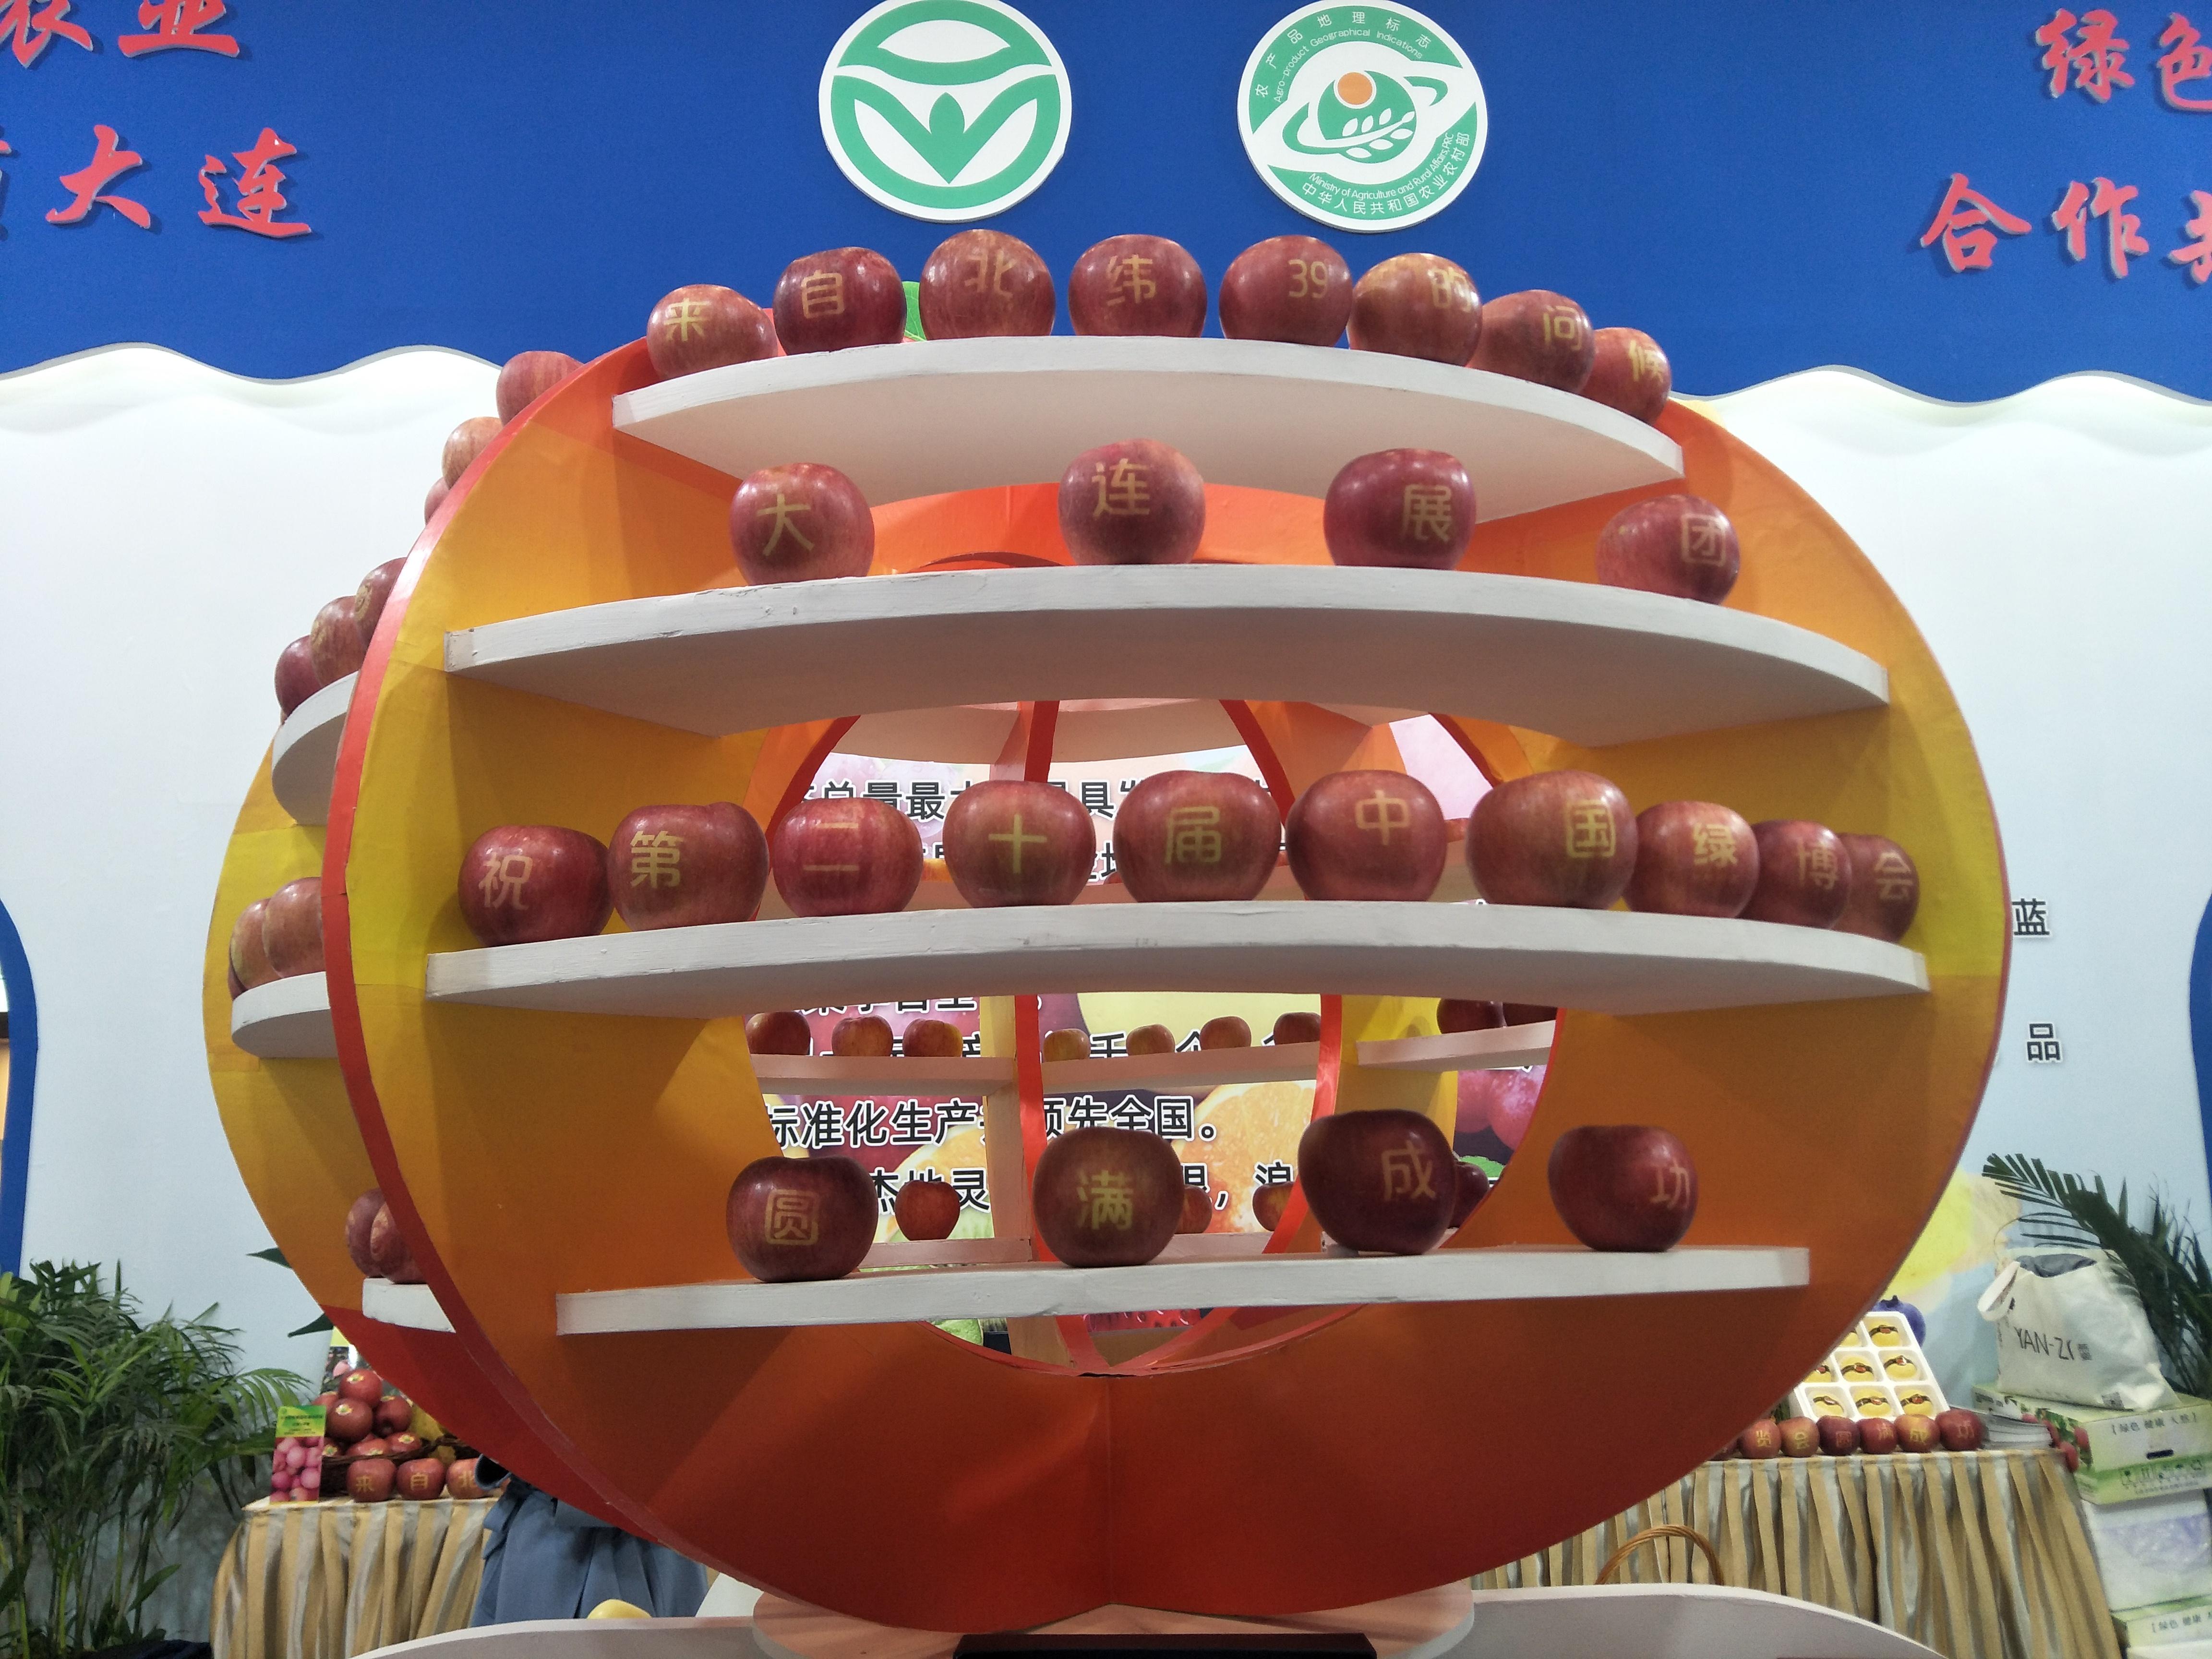 参展质量、数量为历届之最!第二十届中国绿色食品博览会暨第十三届中国国际有机食品博览会今日郑州开幕!